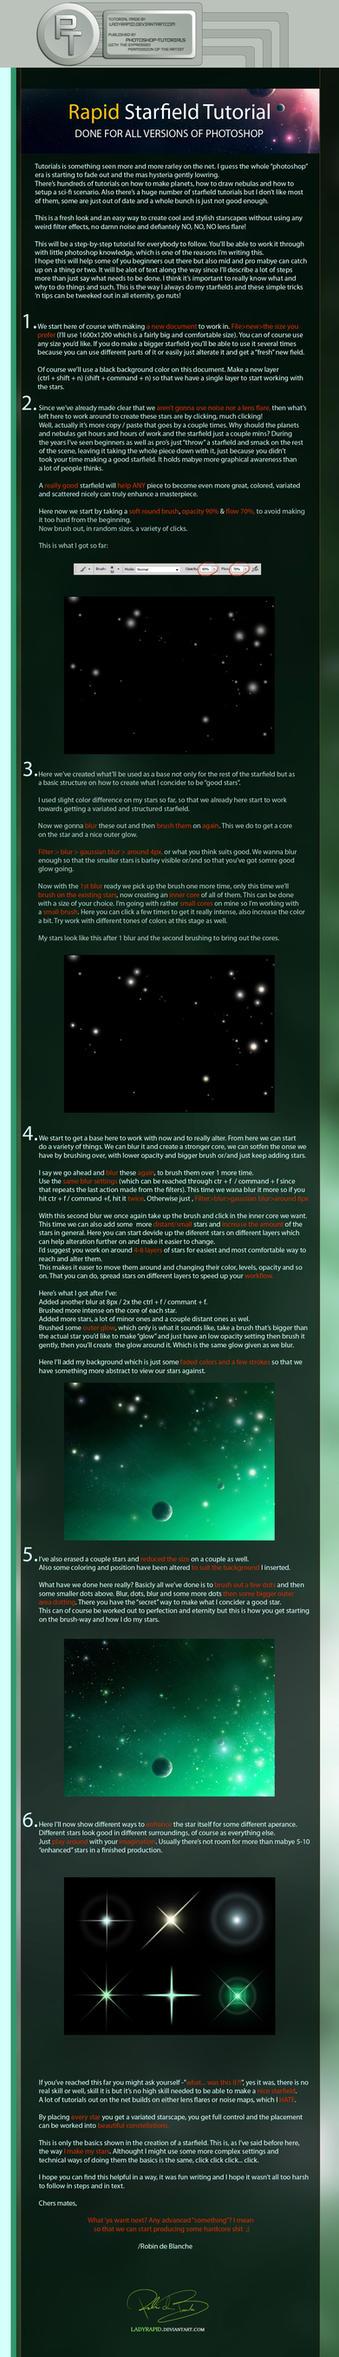 Starfield Tutorial -G- by photoshop-tutorials